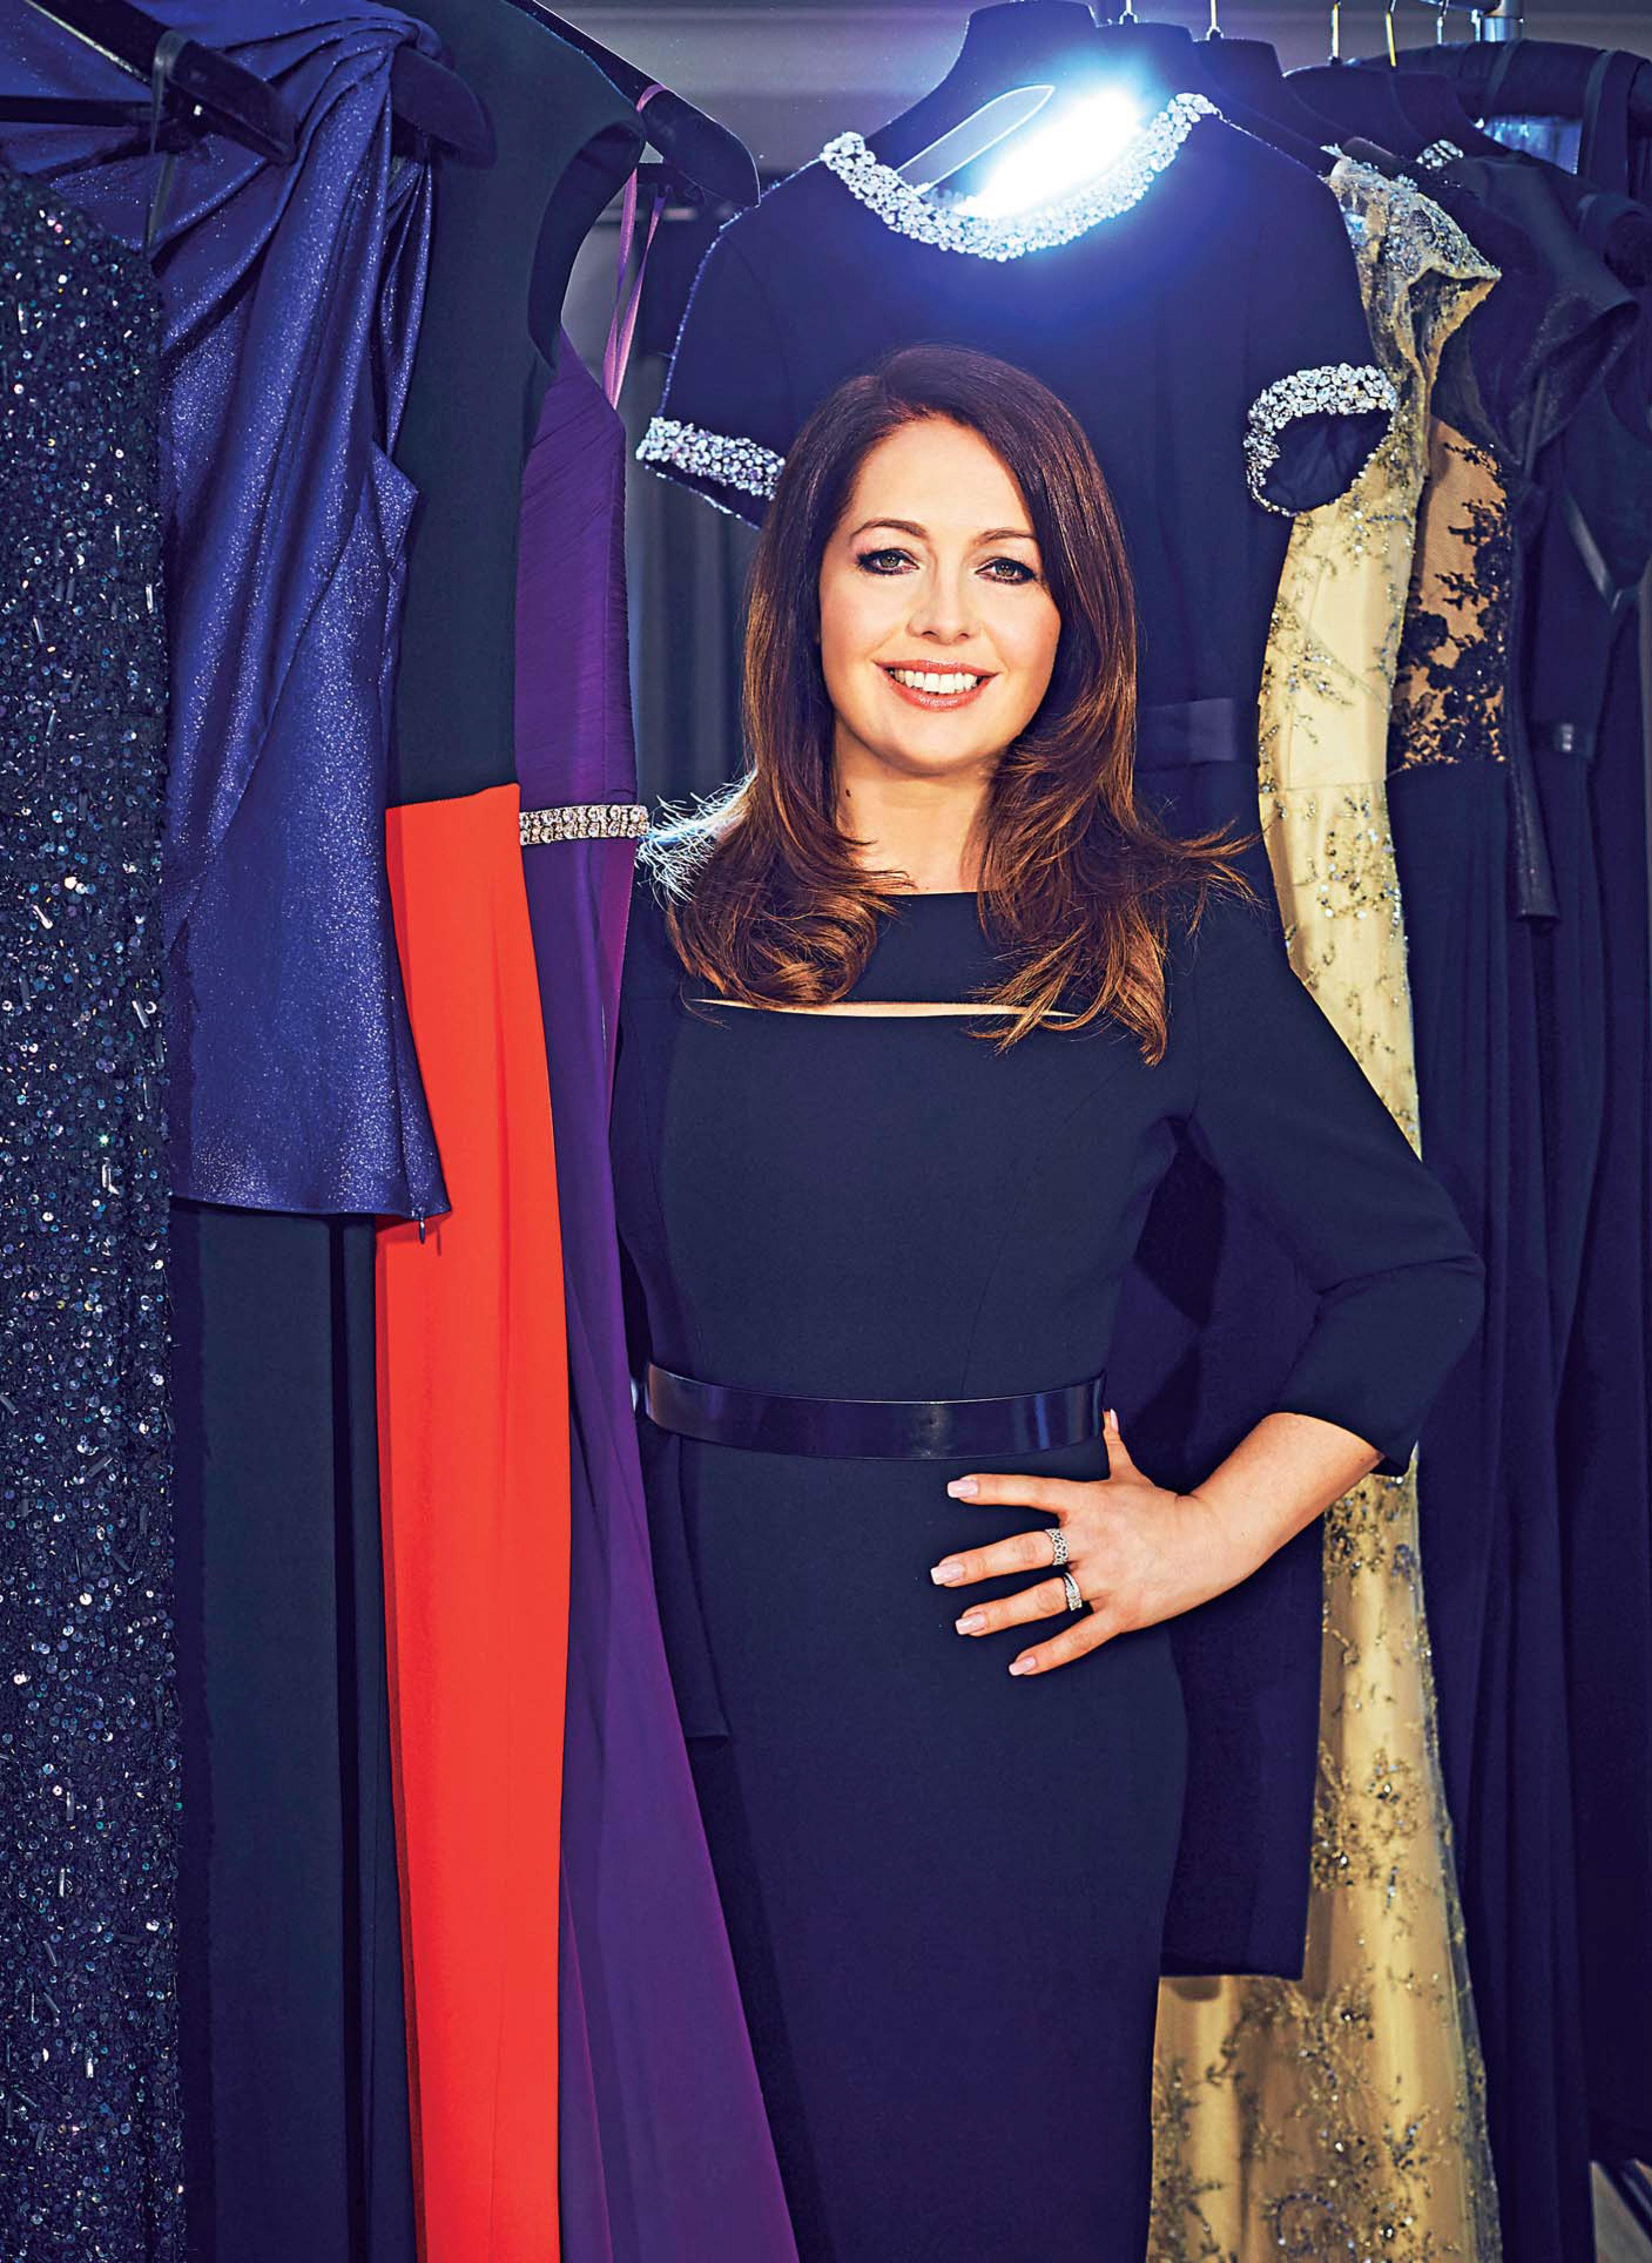 wedding dress designer Suzanne Neville